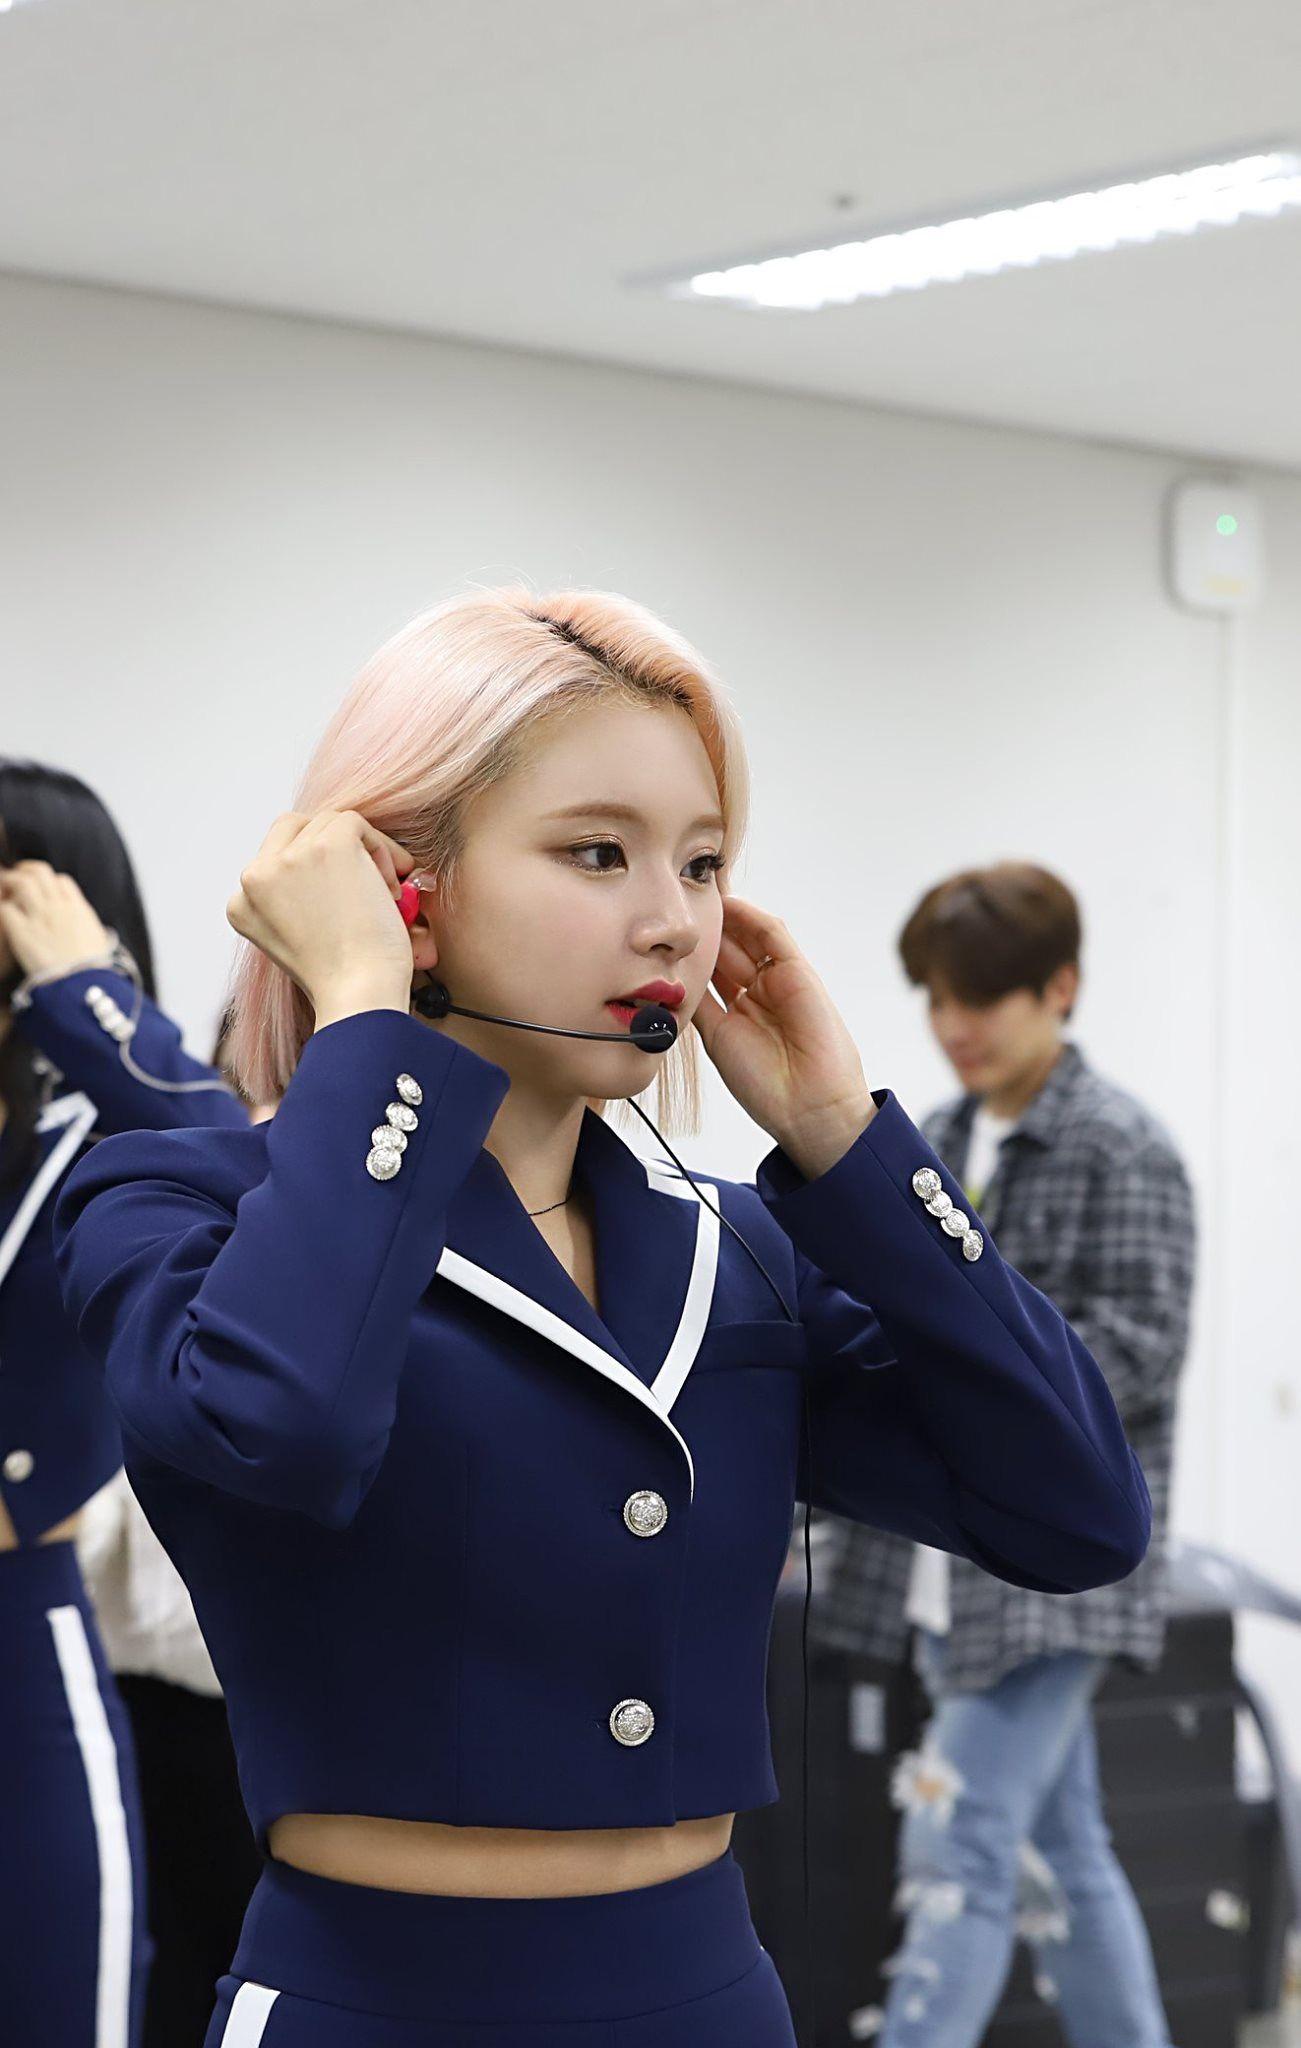 Pin by Vy on Twice | Pocari sweat, Twice, Korean girl groups